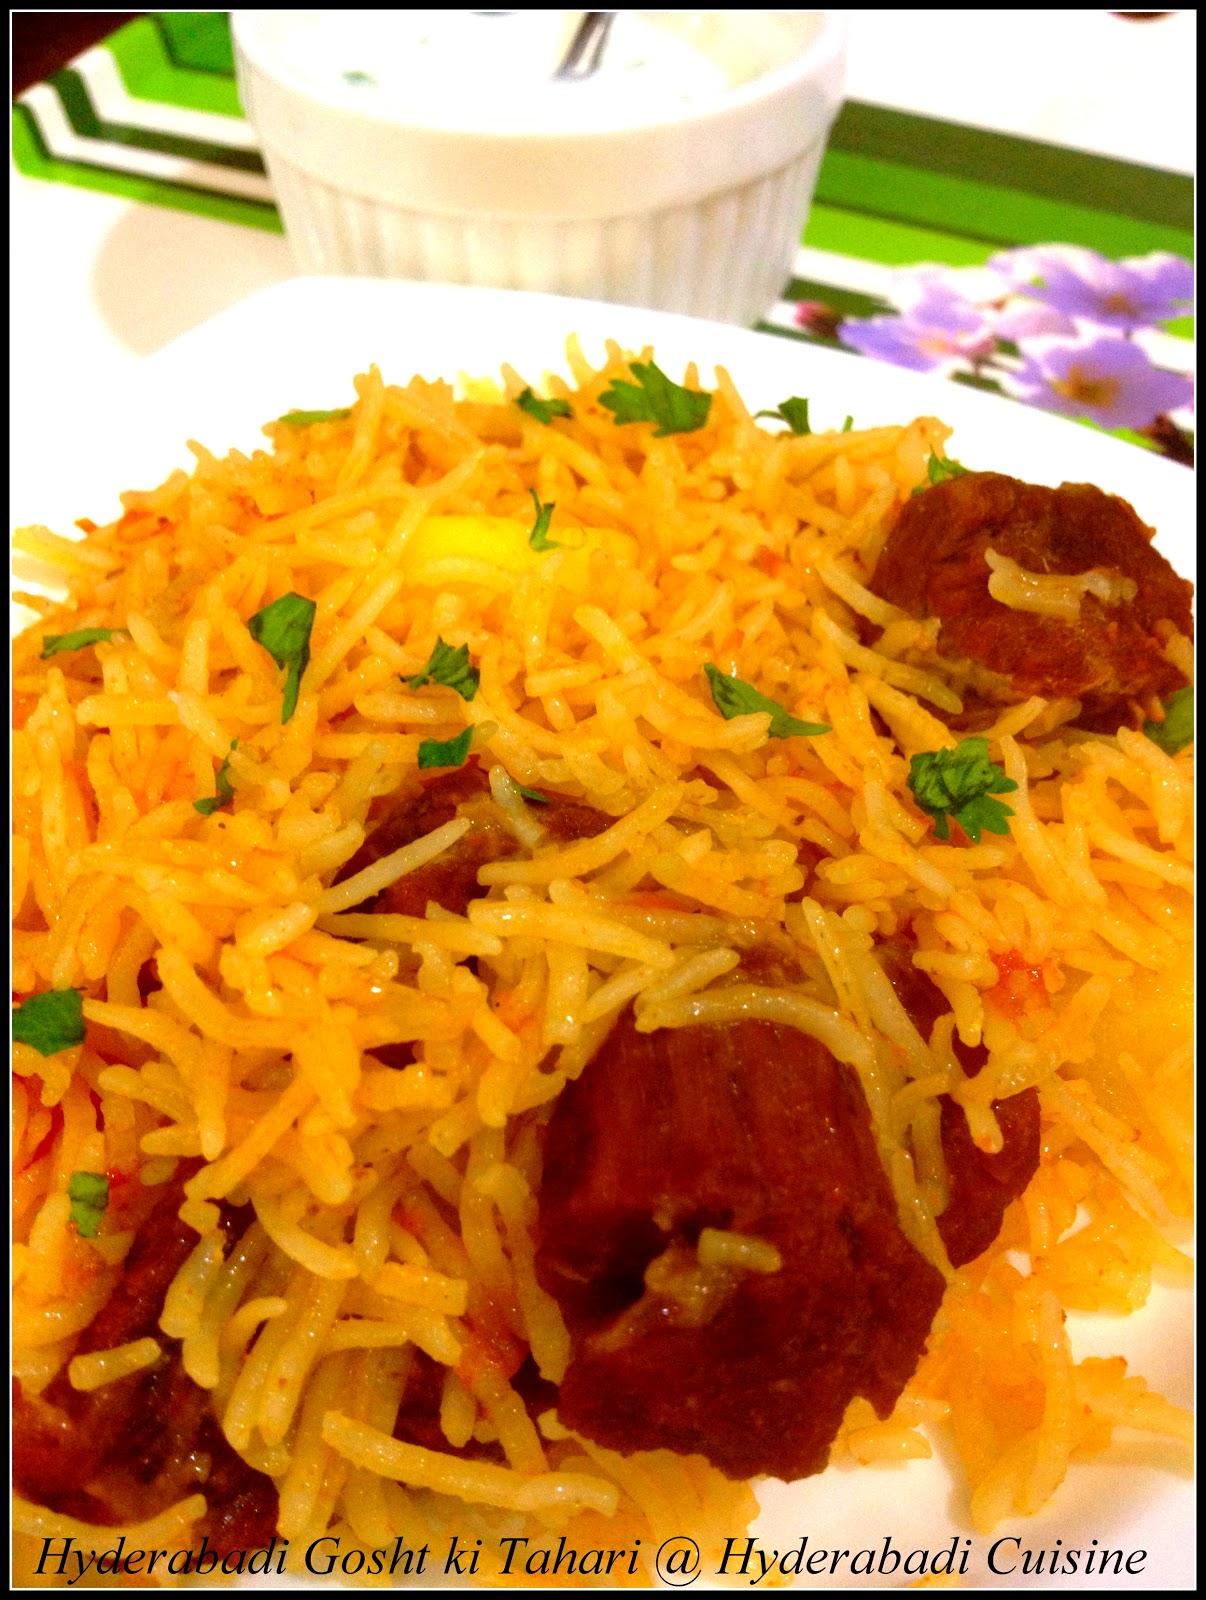 Hyderabadi cuisine hyderabadi gosht ki tahari hyderabadi gosht ki tahari forumfinder Images